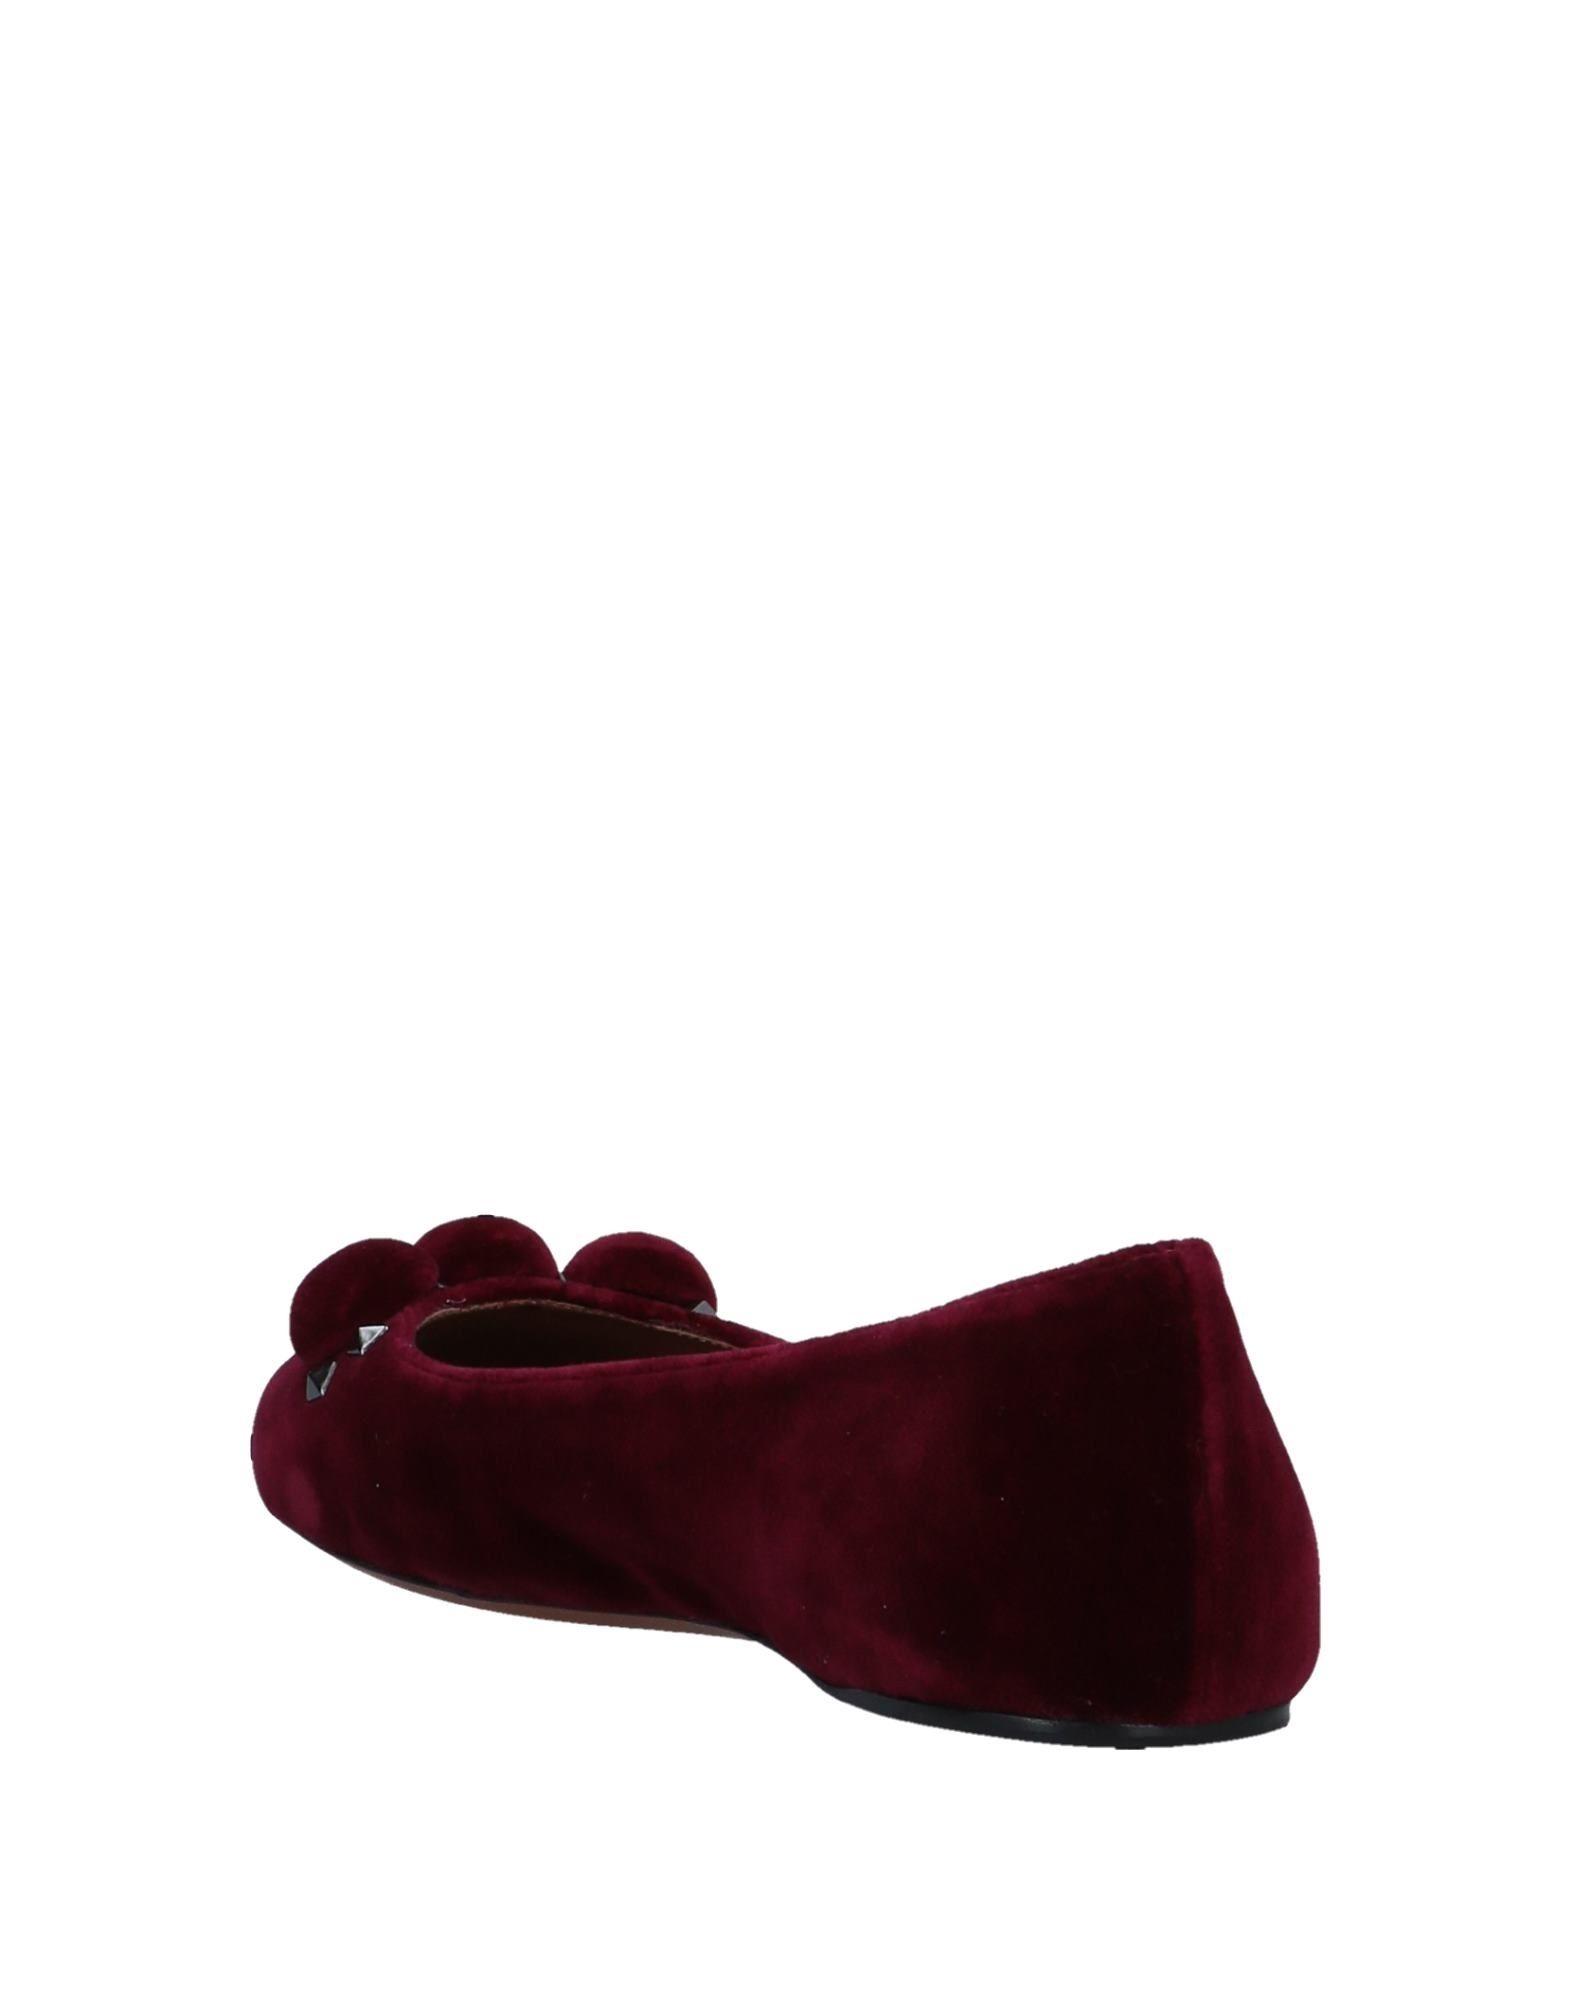 Alaïa gut Ballerinas Damen  11508890WBGünstige gut Alaïa aussehende Schuhe f25727